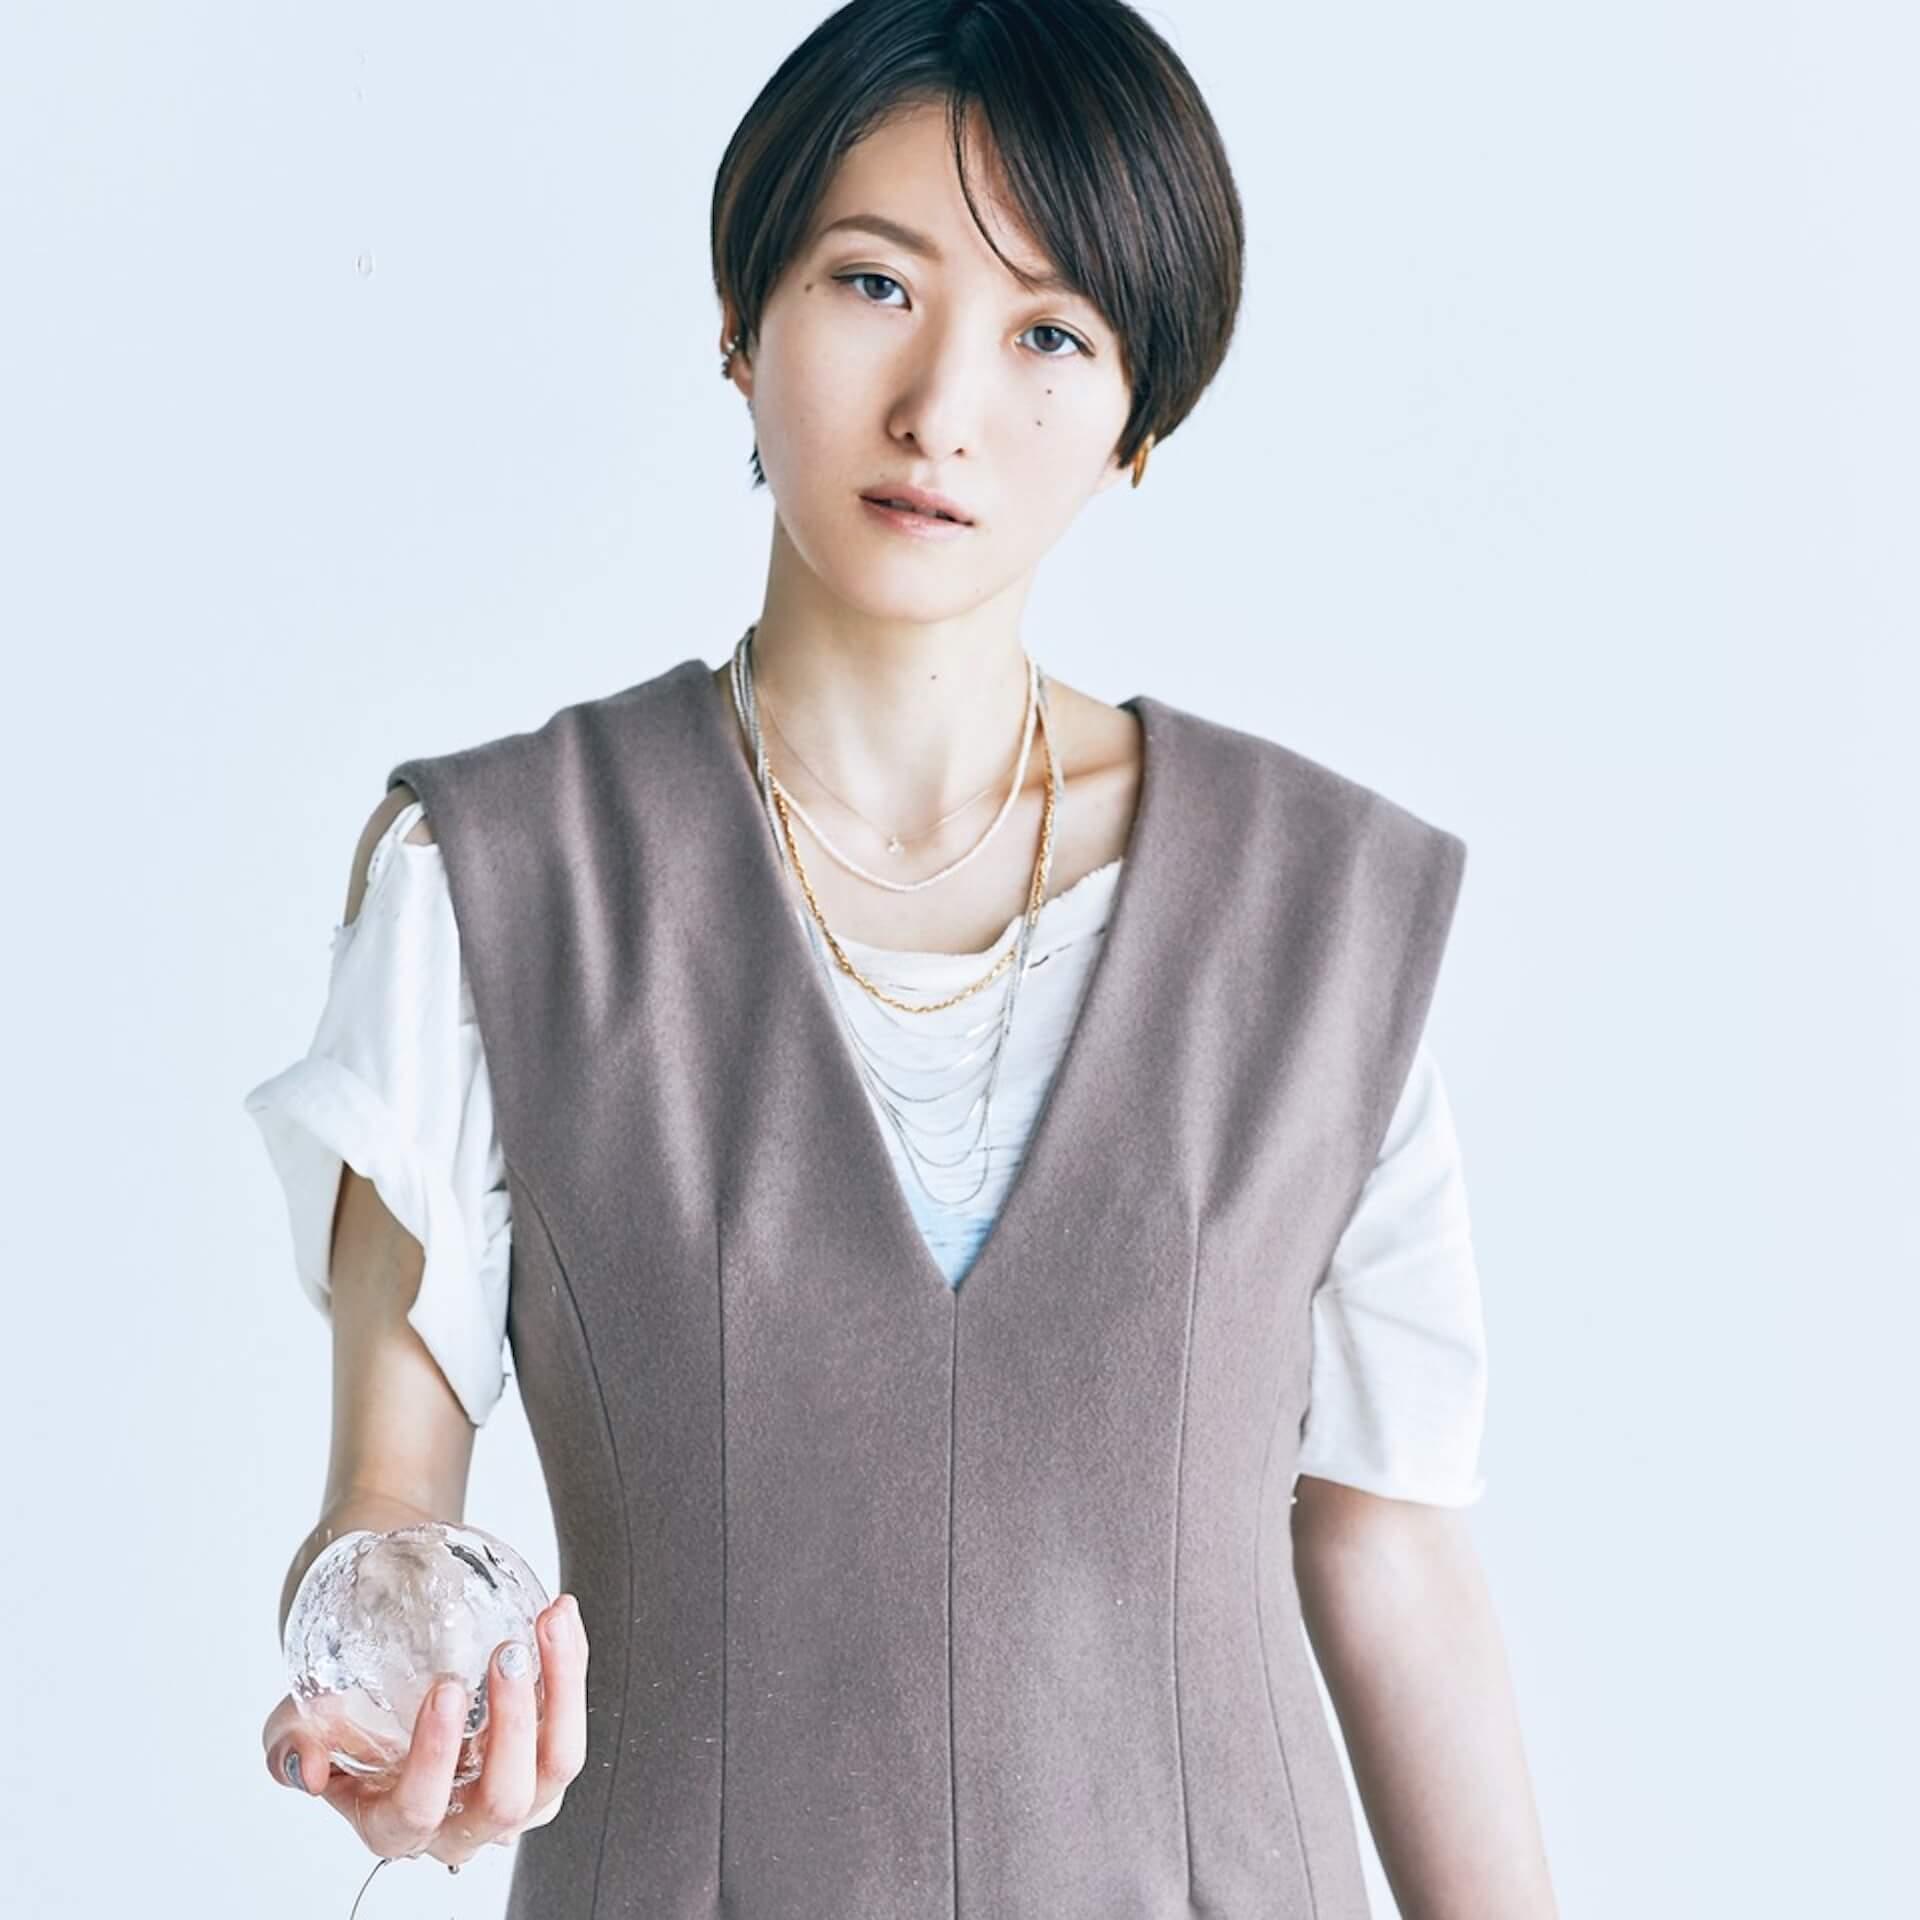 流れを止めない、日食なつこが思う「音楽の本質」━━日食なつこ3rdアルバム『アンチ・フリーズ』インタビュー interview210816_nisshoku-natsuko-07